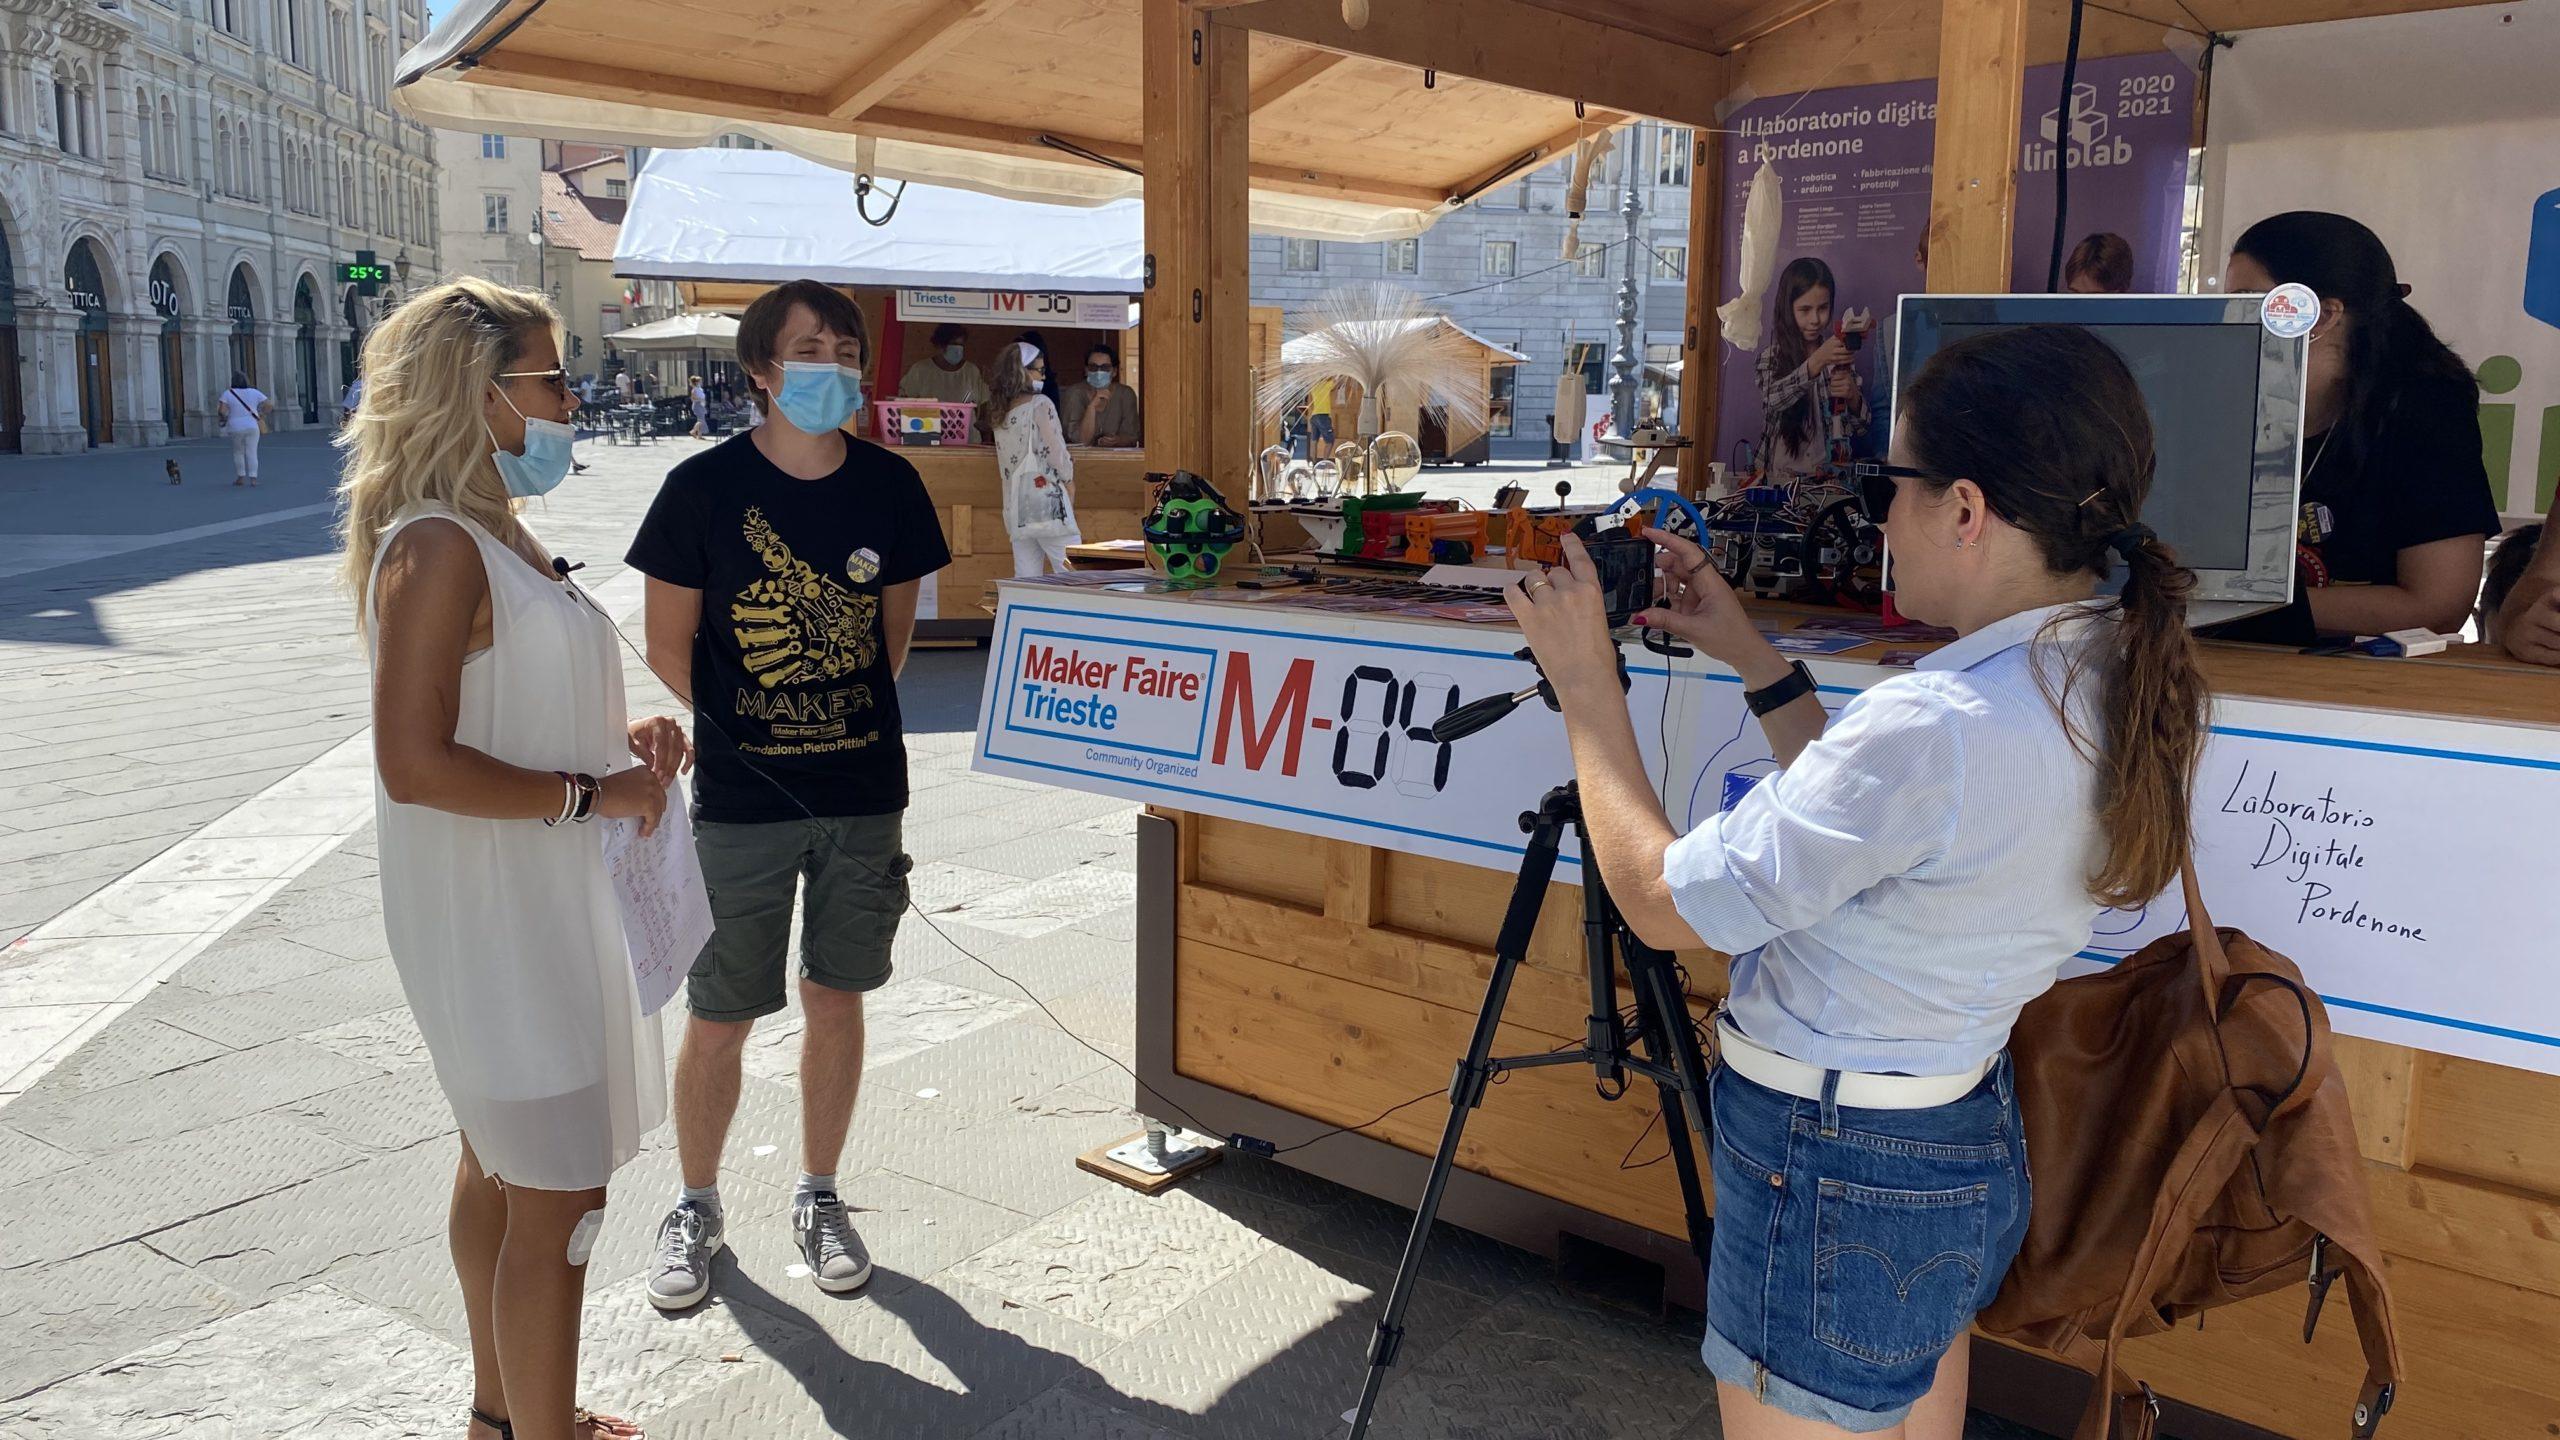 Maker Faire Trieste – La festa dell'ingegno